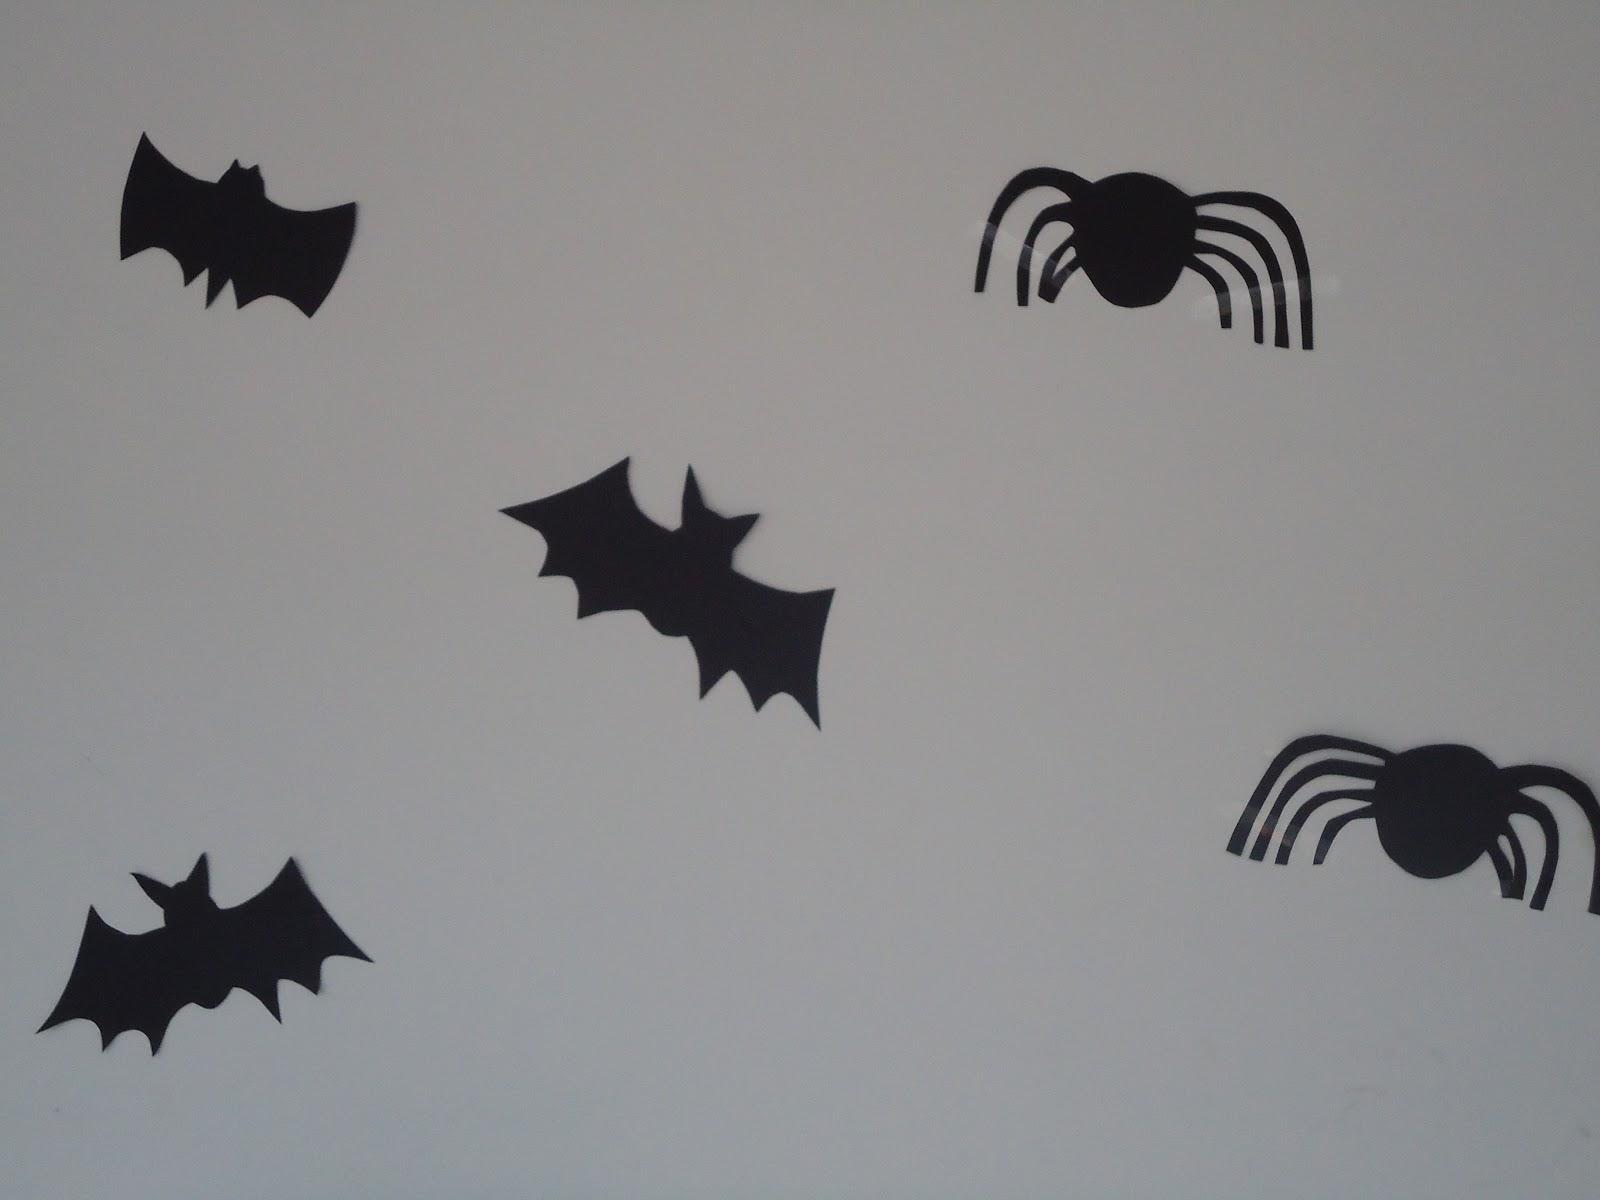 Colegio Rodriguez Vega de Almedinilla (Córdoba) : Halloween, ¿Truco ...